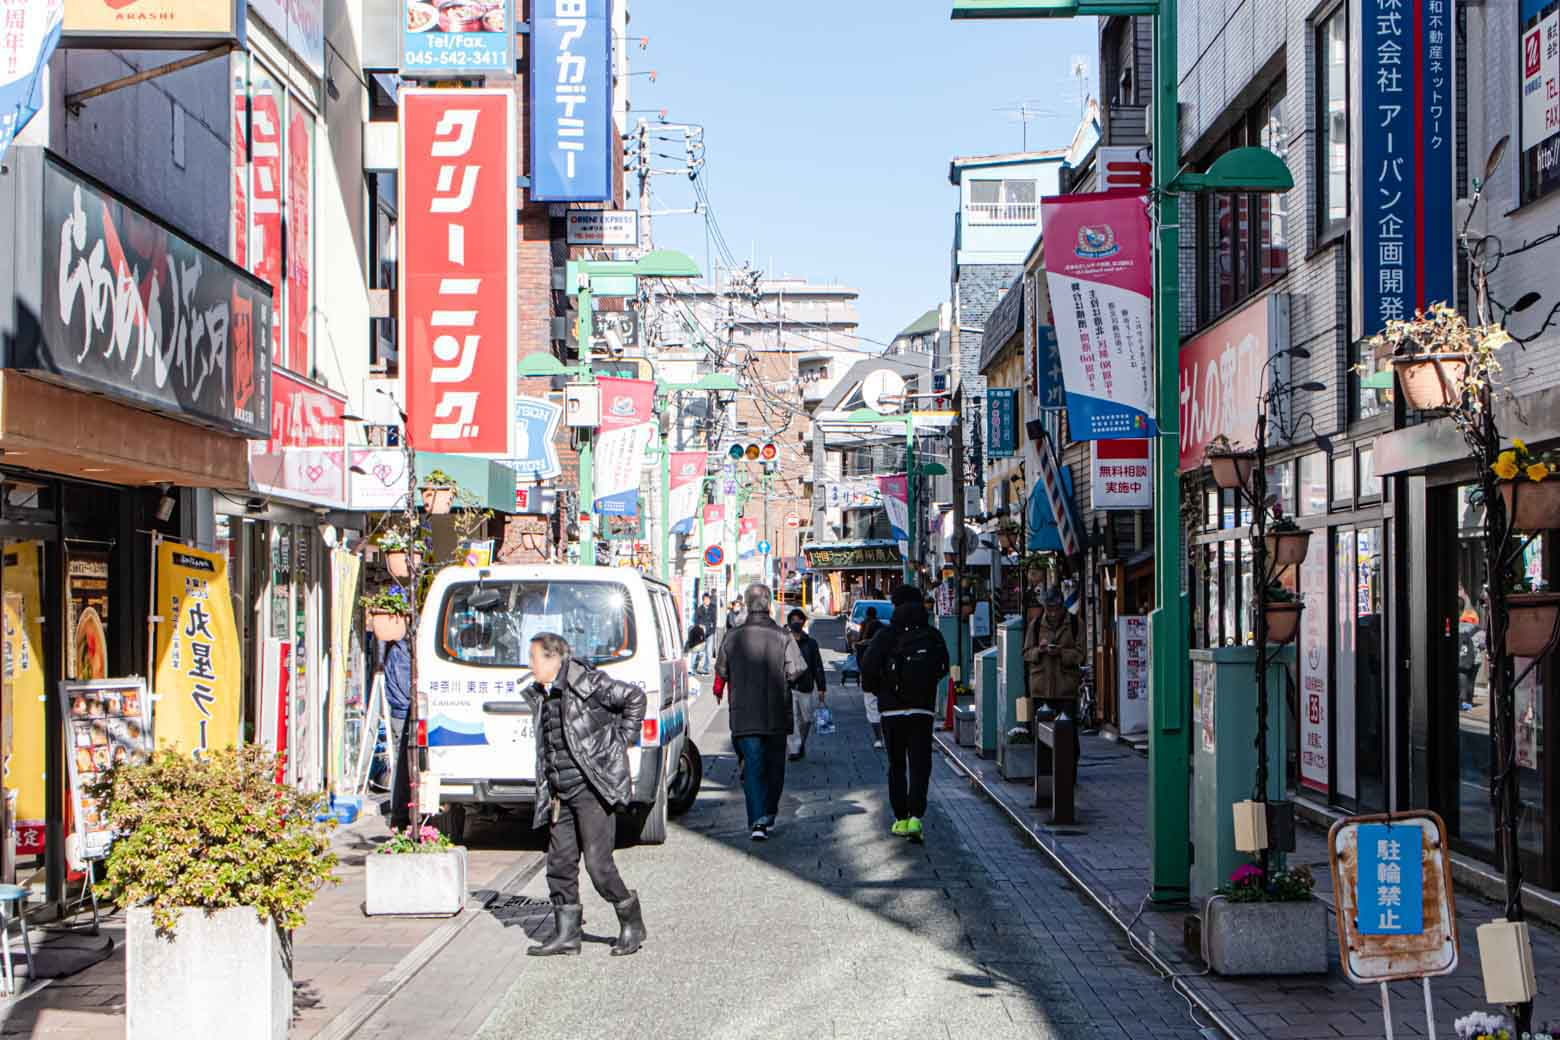 綱島には7つの商店会があり、その加盟店数はなんと約400。駅の西側を中心に大規模な商圏を形成しています。